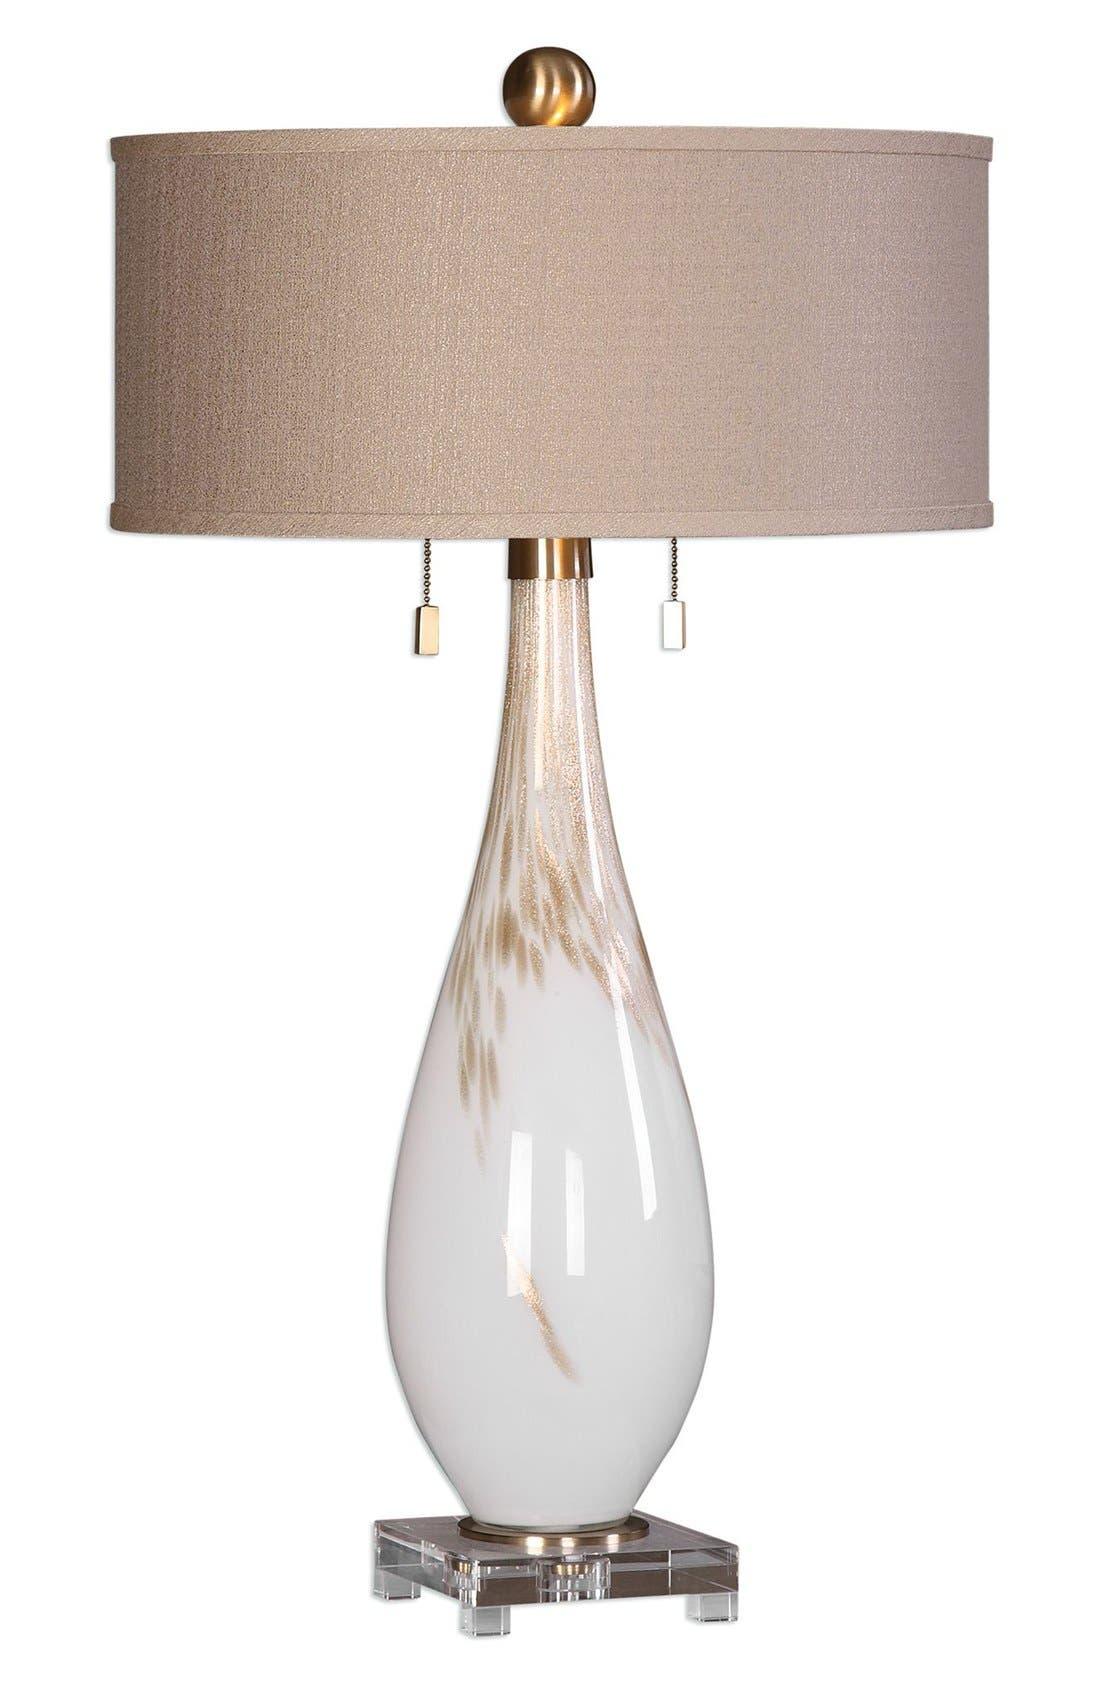 uttermost white glass table lamp - Uttermost Lighting